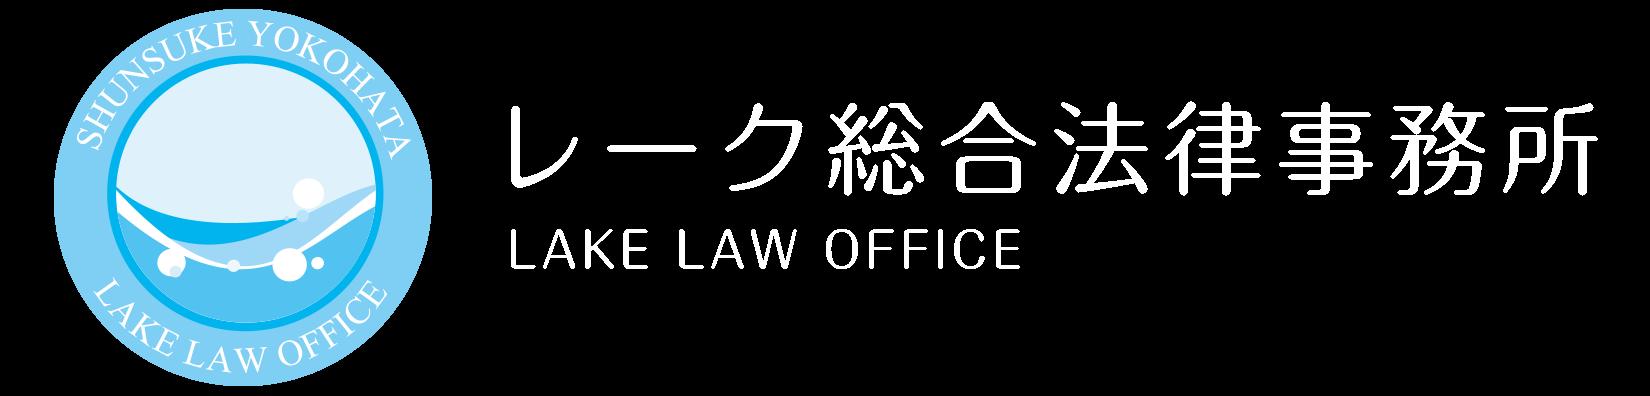 レーク総合法律事務所